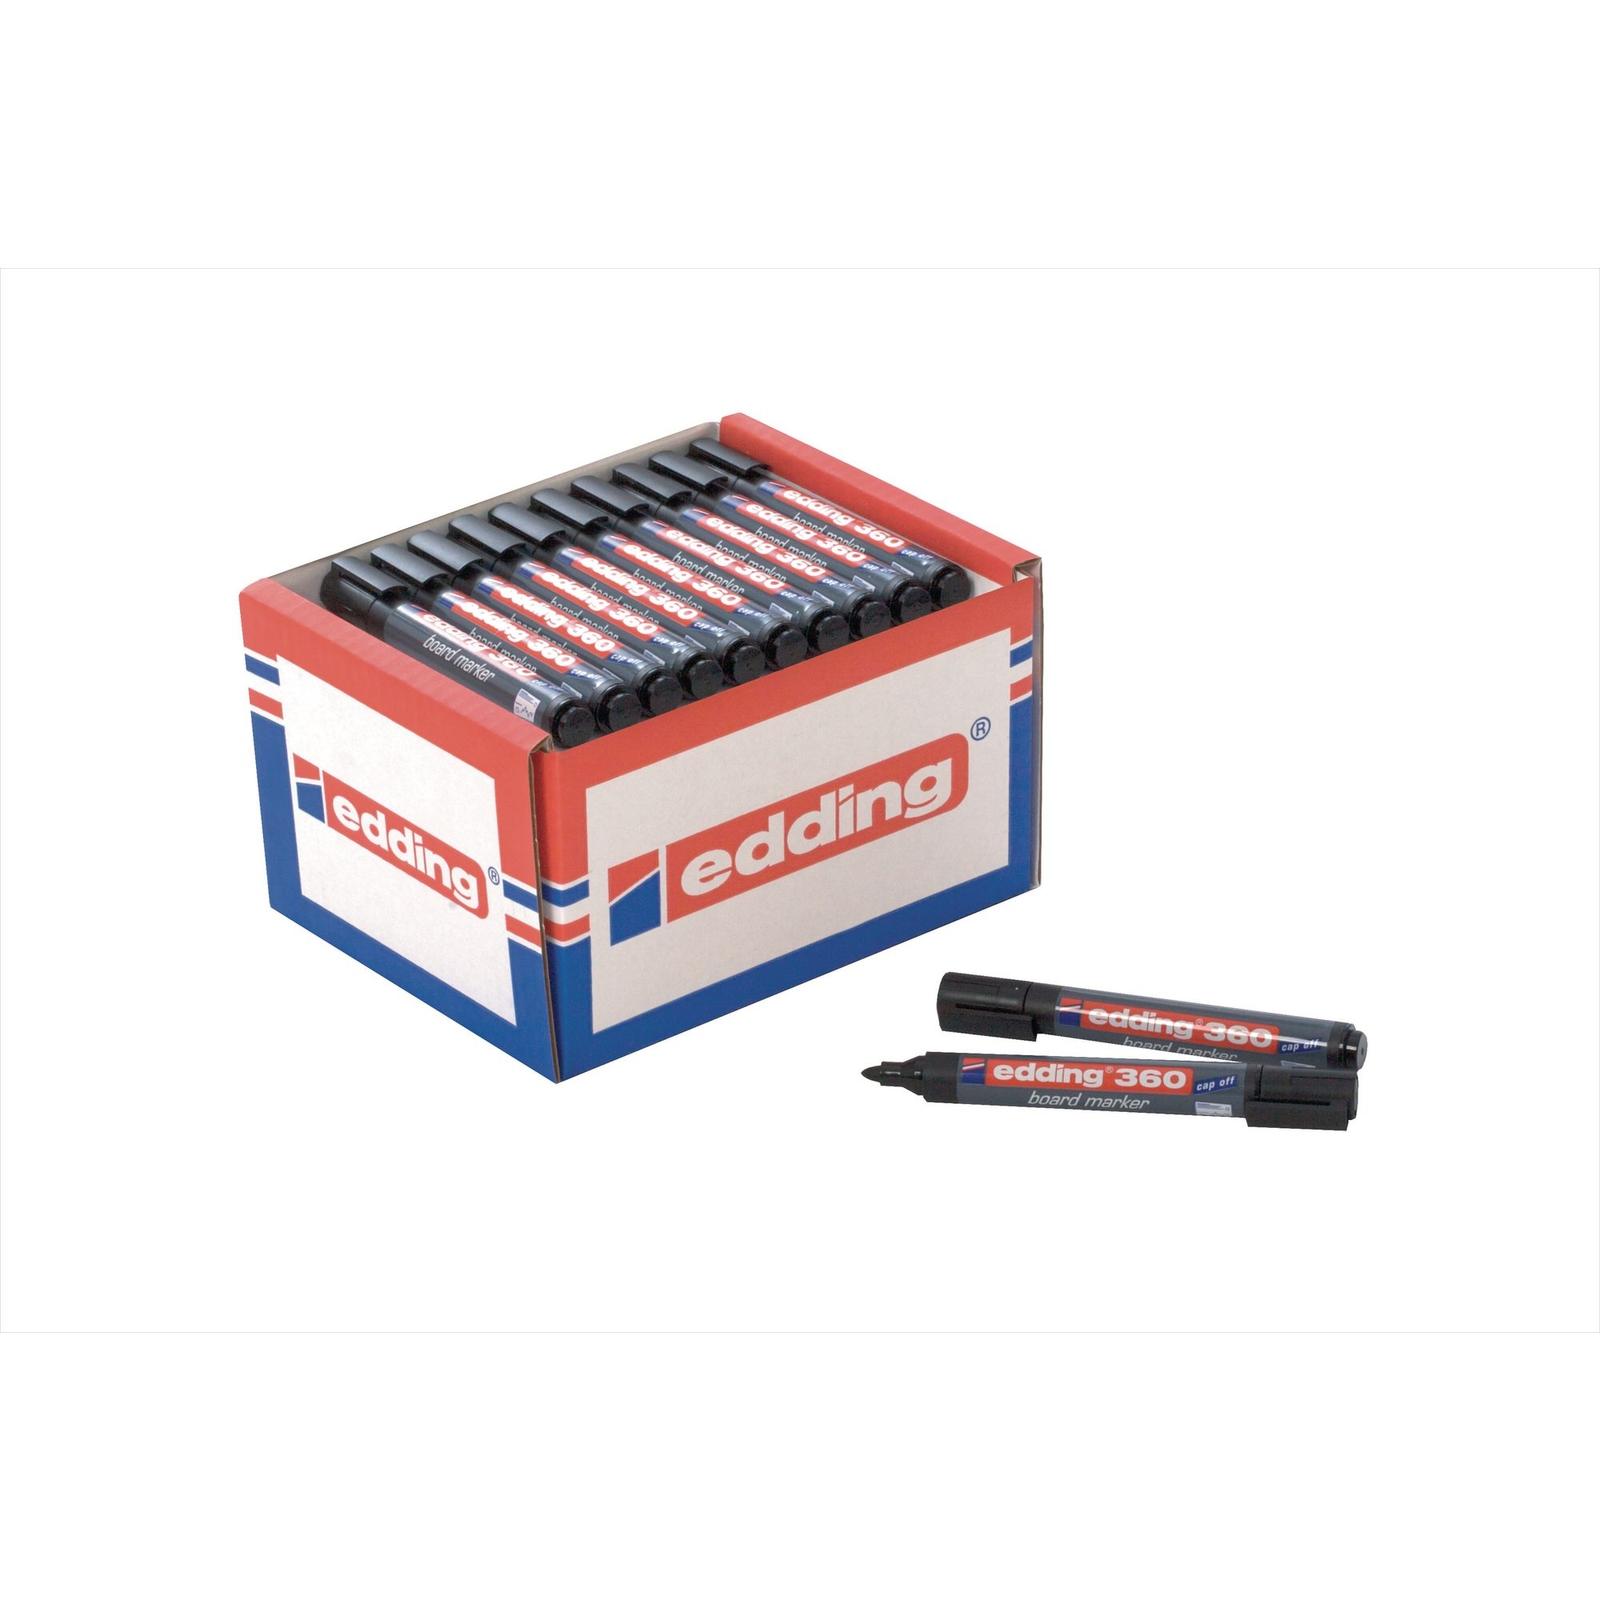 Edding 360 Whiteboard Marker Black, Bullet Tip - Pack of 10